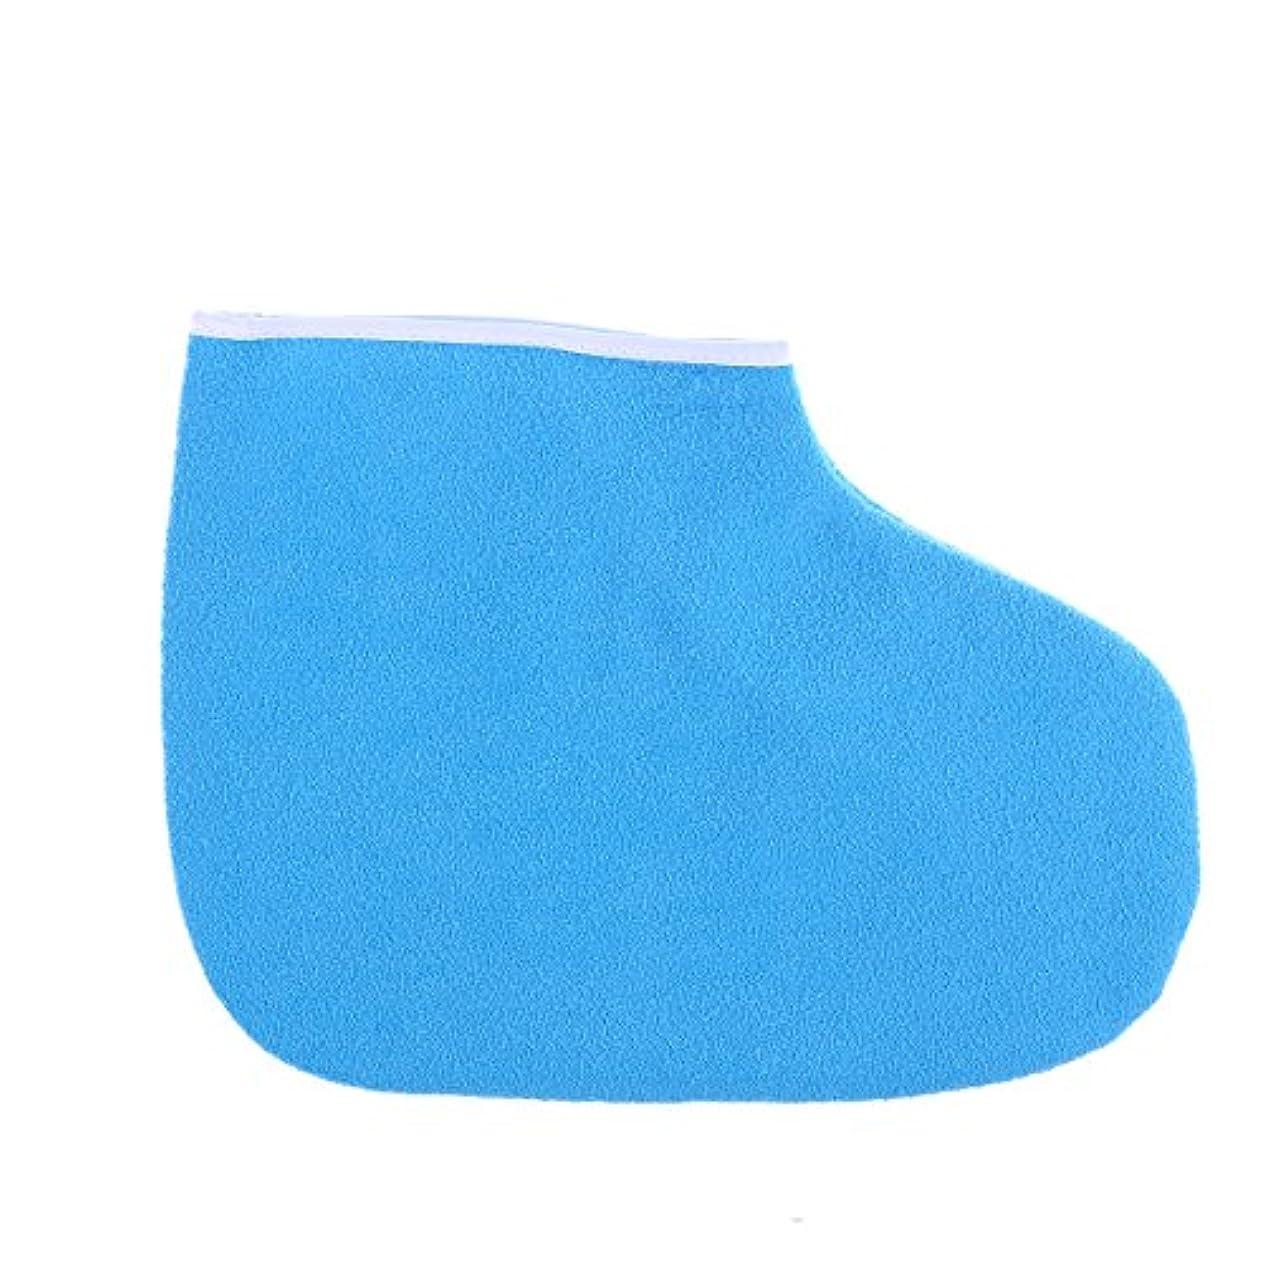 本気代名詞賞賛するHealifty パラフィンワックスブーティーマニキュアペディキュアトリートメントブーツ(ブルー)